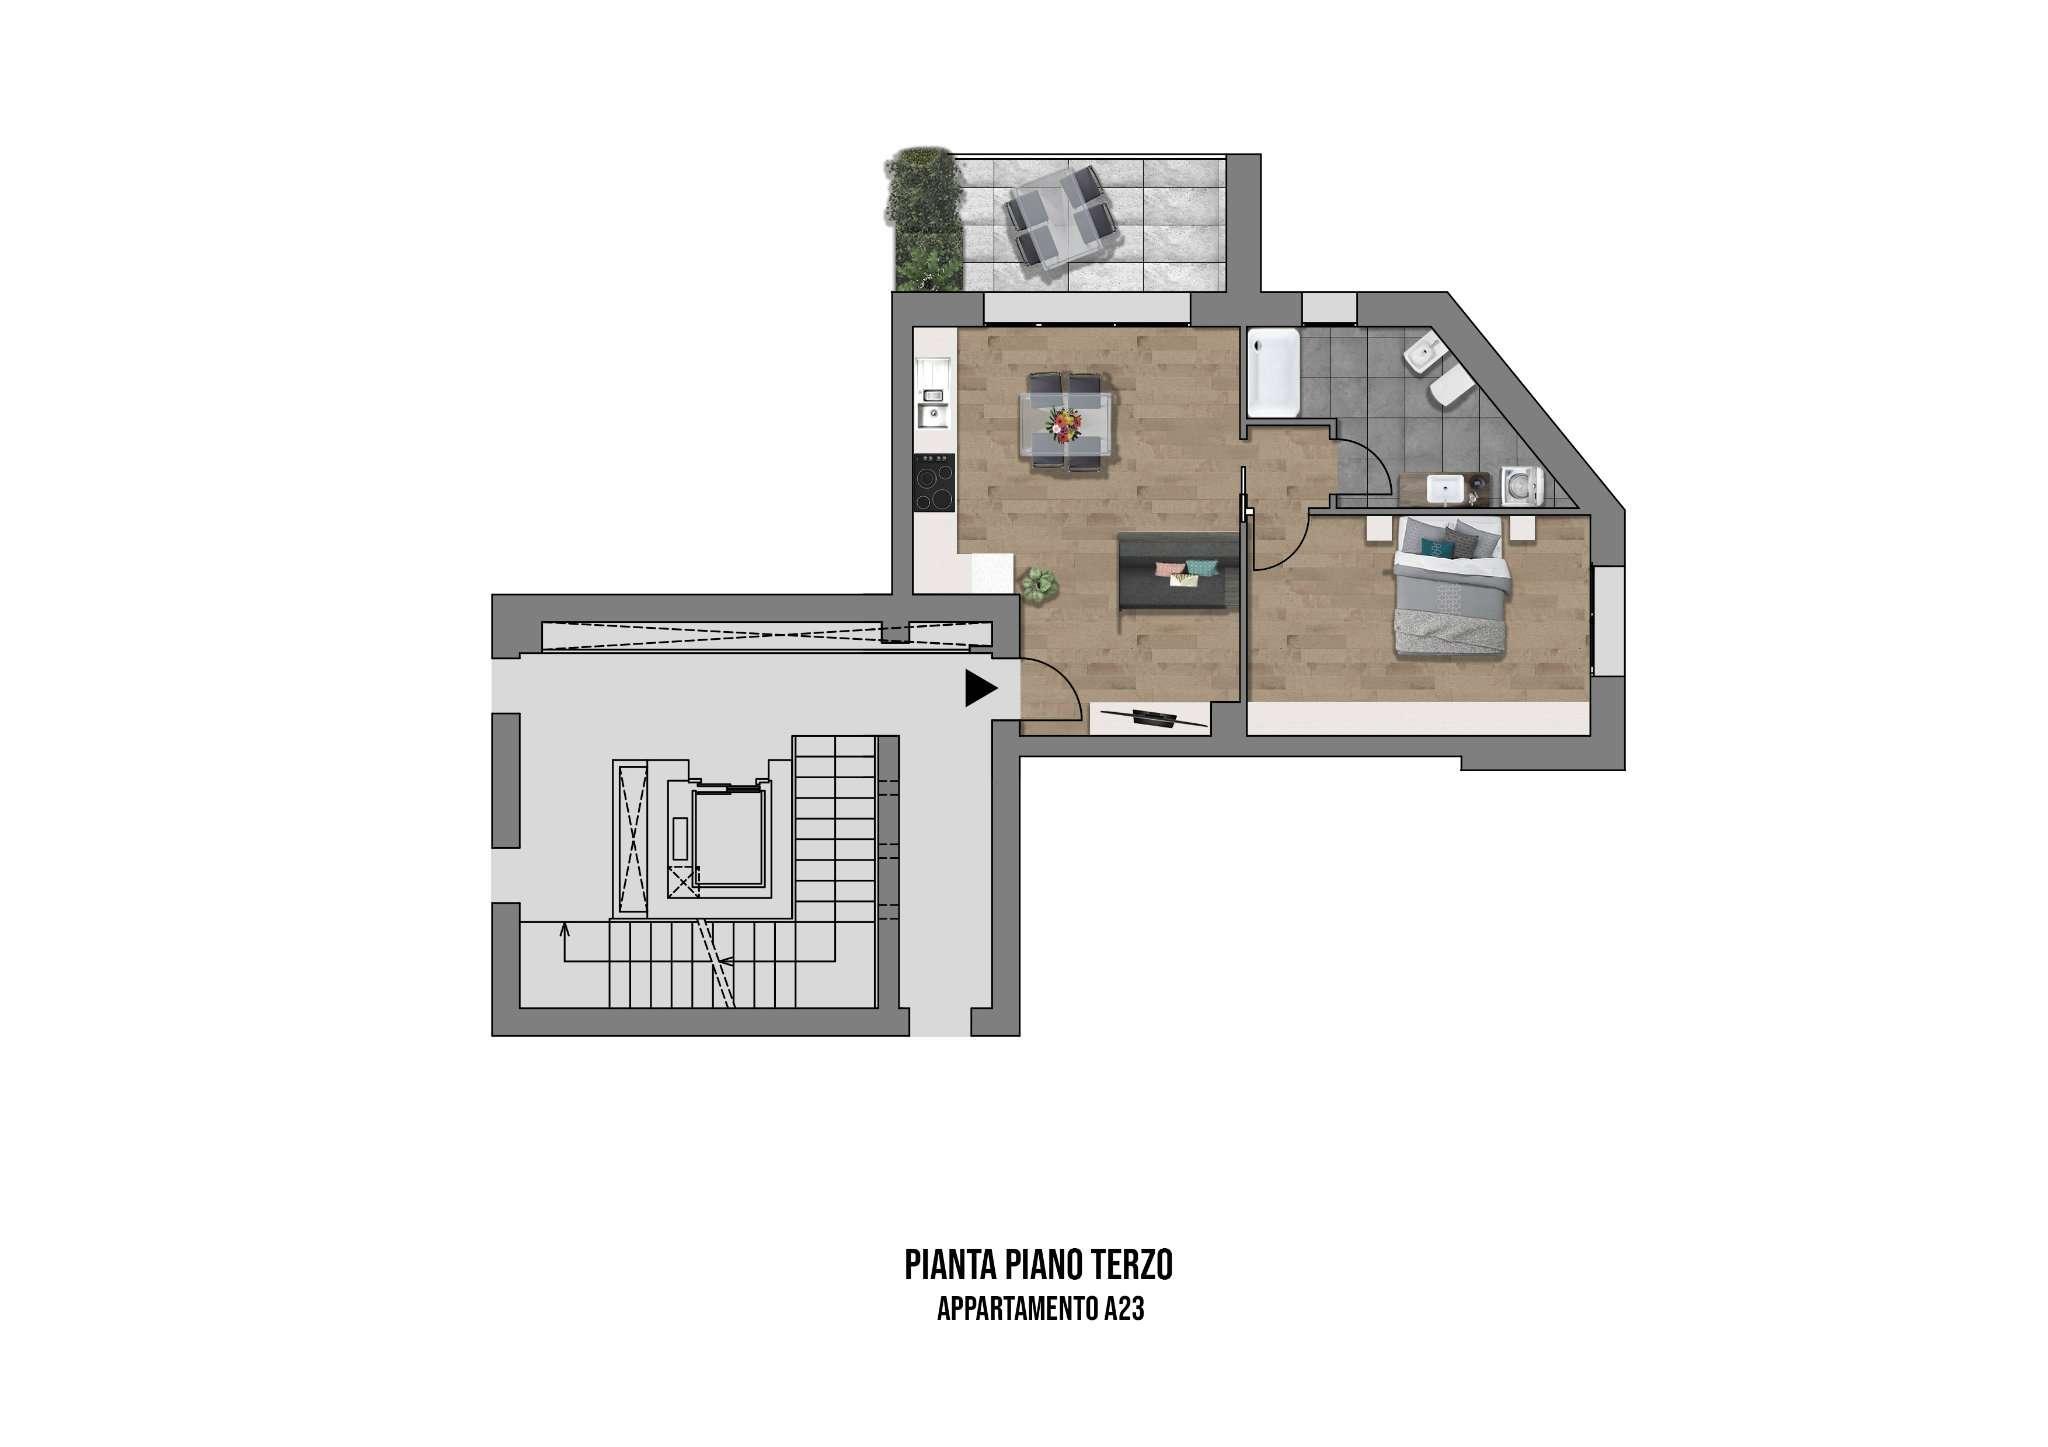 Appartamento in vendita a Casalecchio di Reno, 2 locali, prezzo € 245.000 | PortaleAgenzieImmobiliari.it